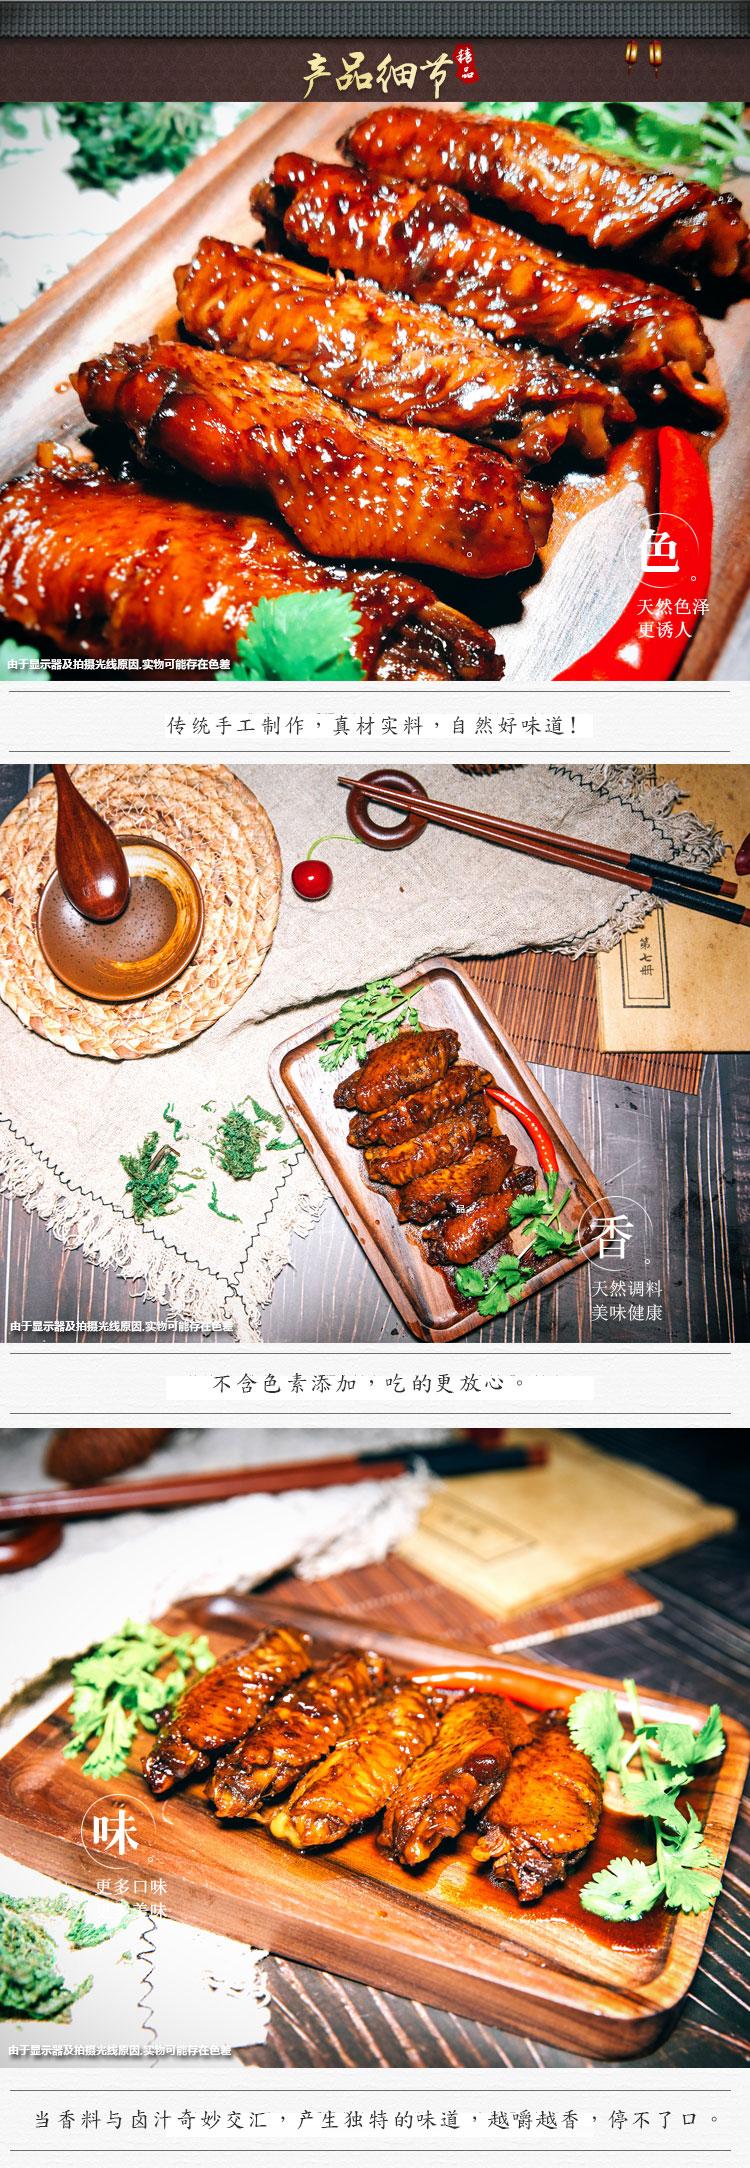 杭州卤牛肉订购_杭州酱、卤肉多少钱